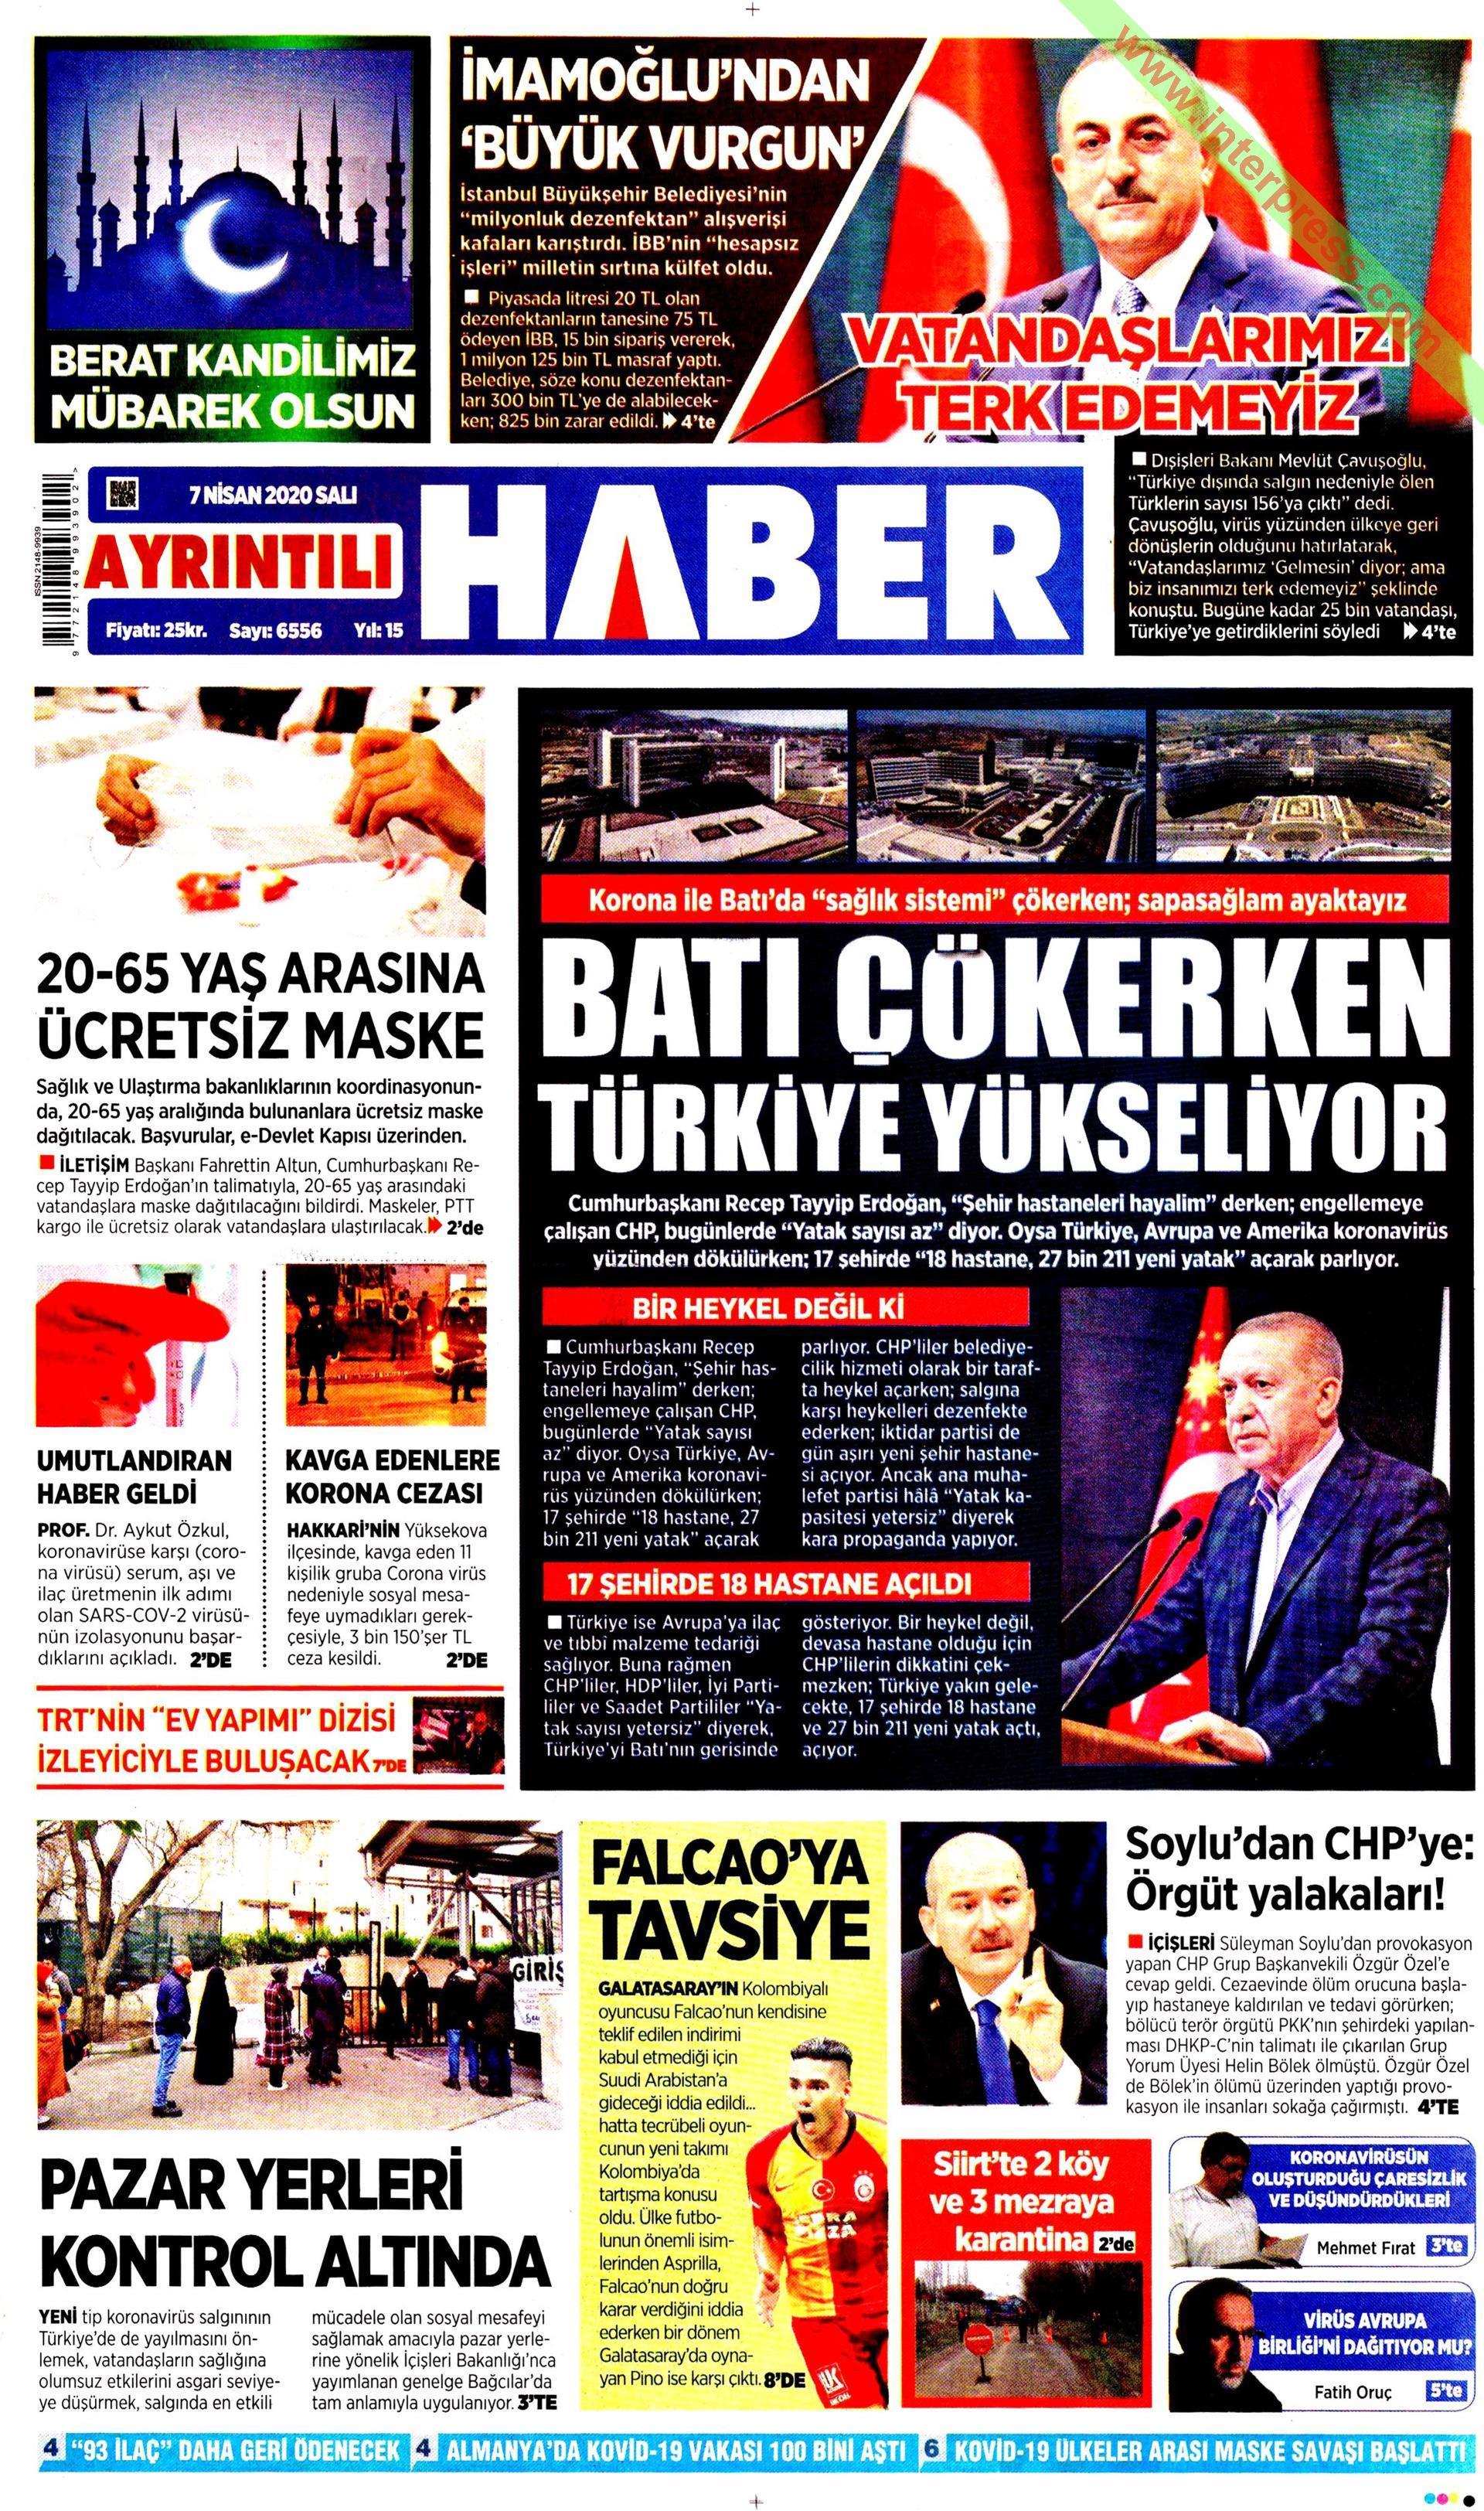 Ayrıntılı Haber gazetesi manşet ilk sayfa oku